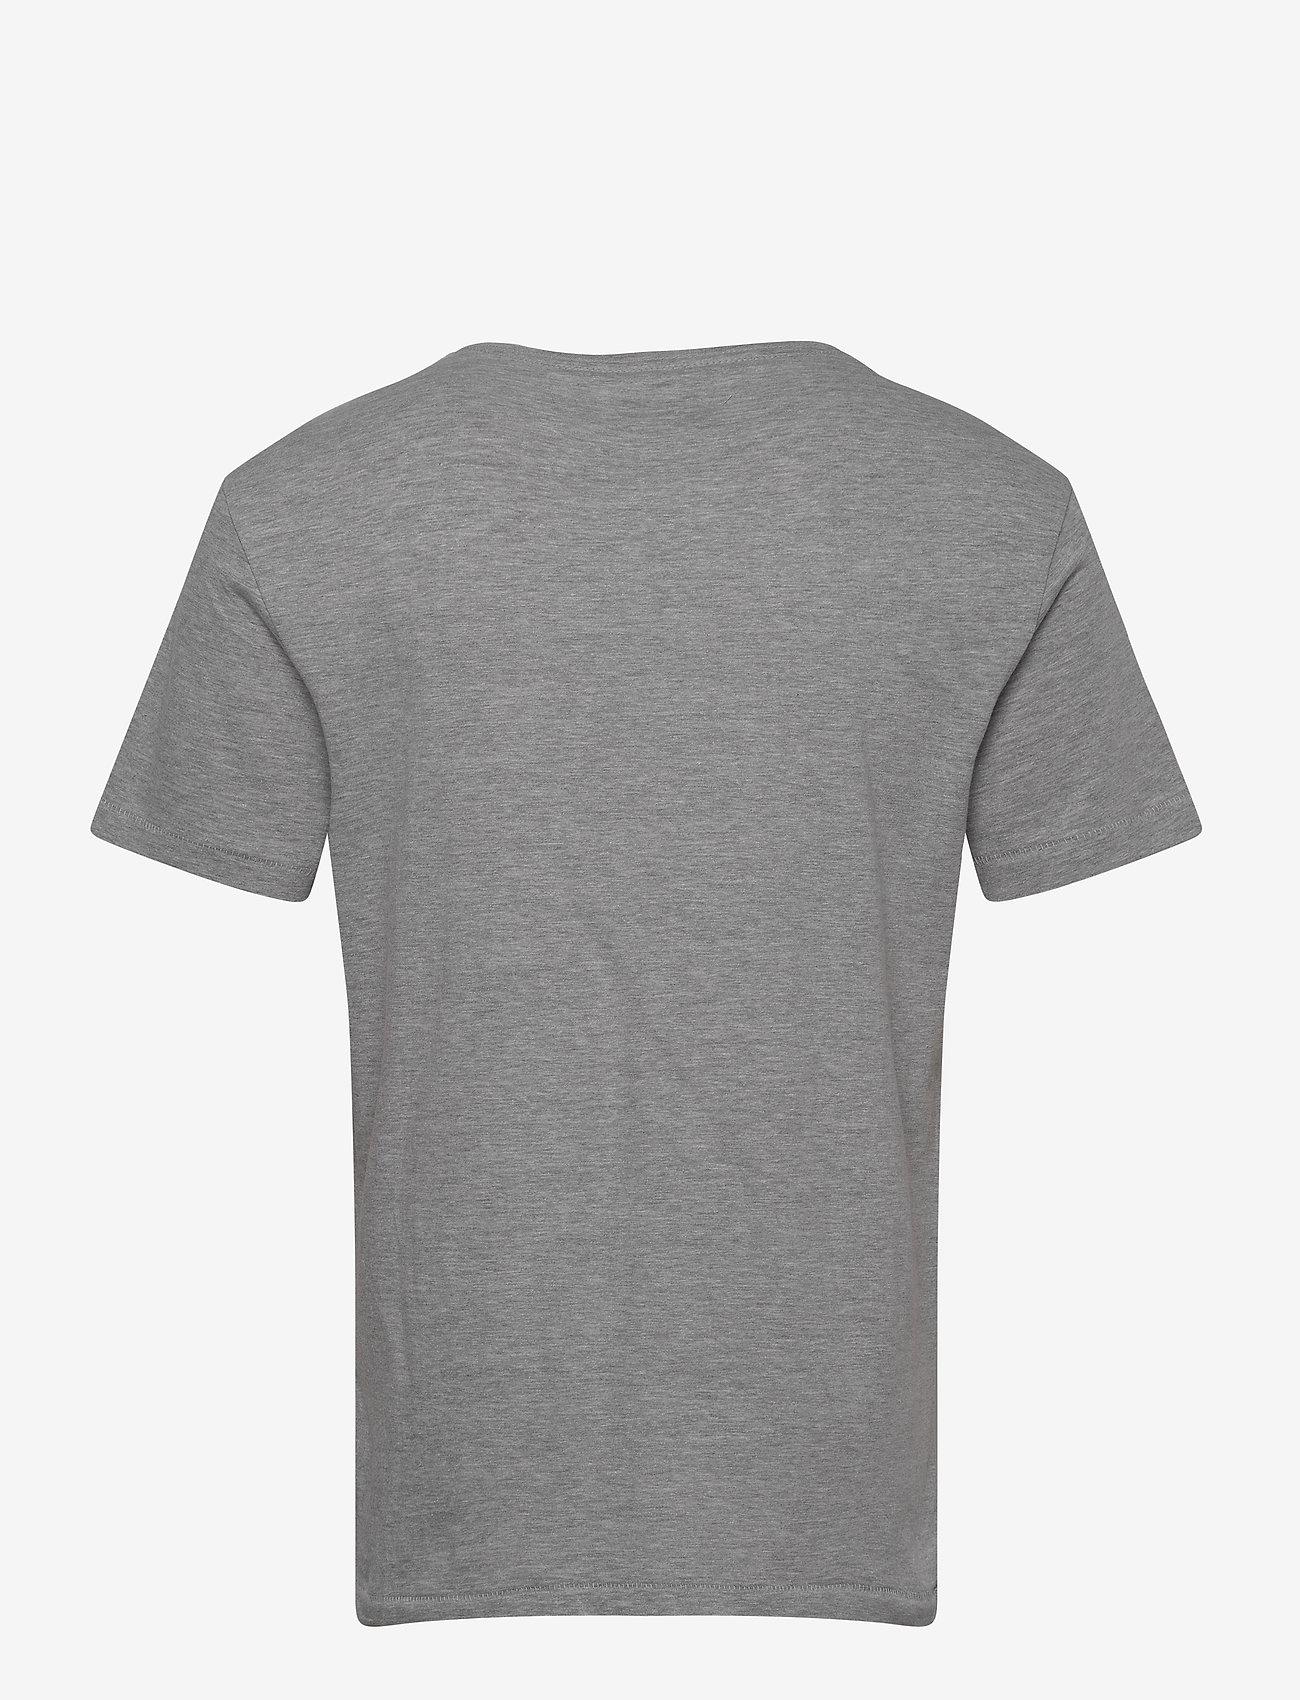 Blend Tee - T-skjorter STONE MIX - Menn Klær